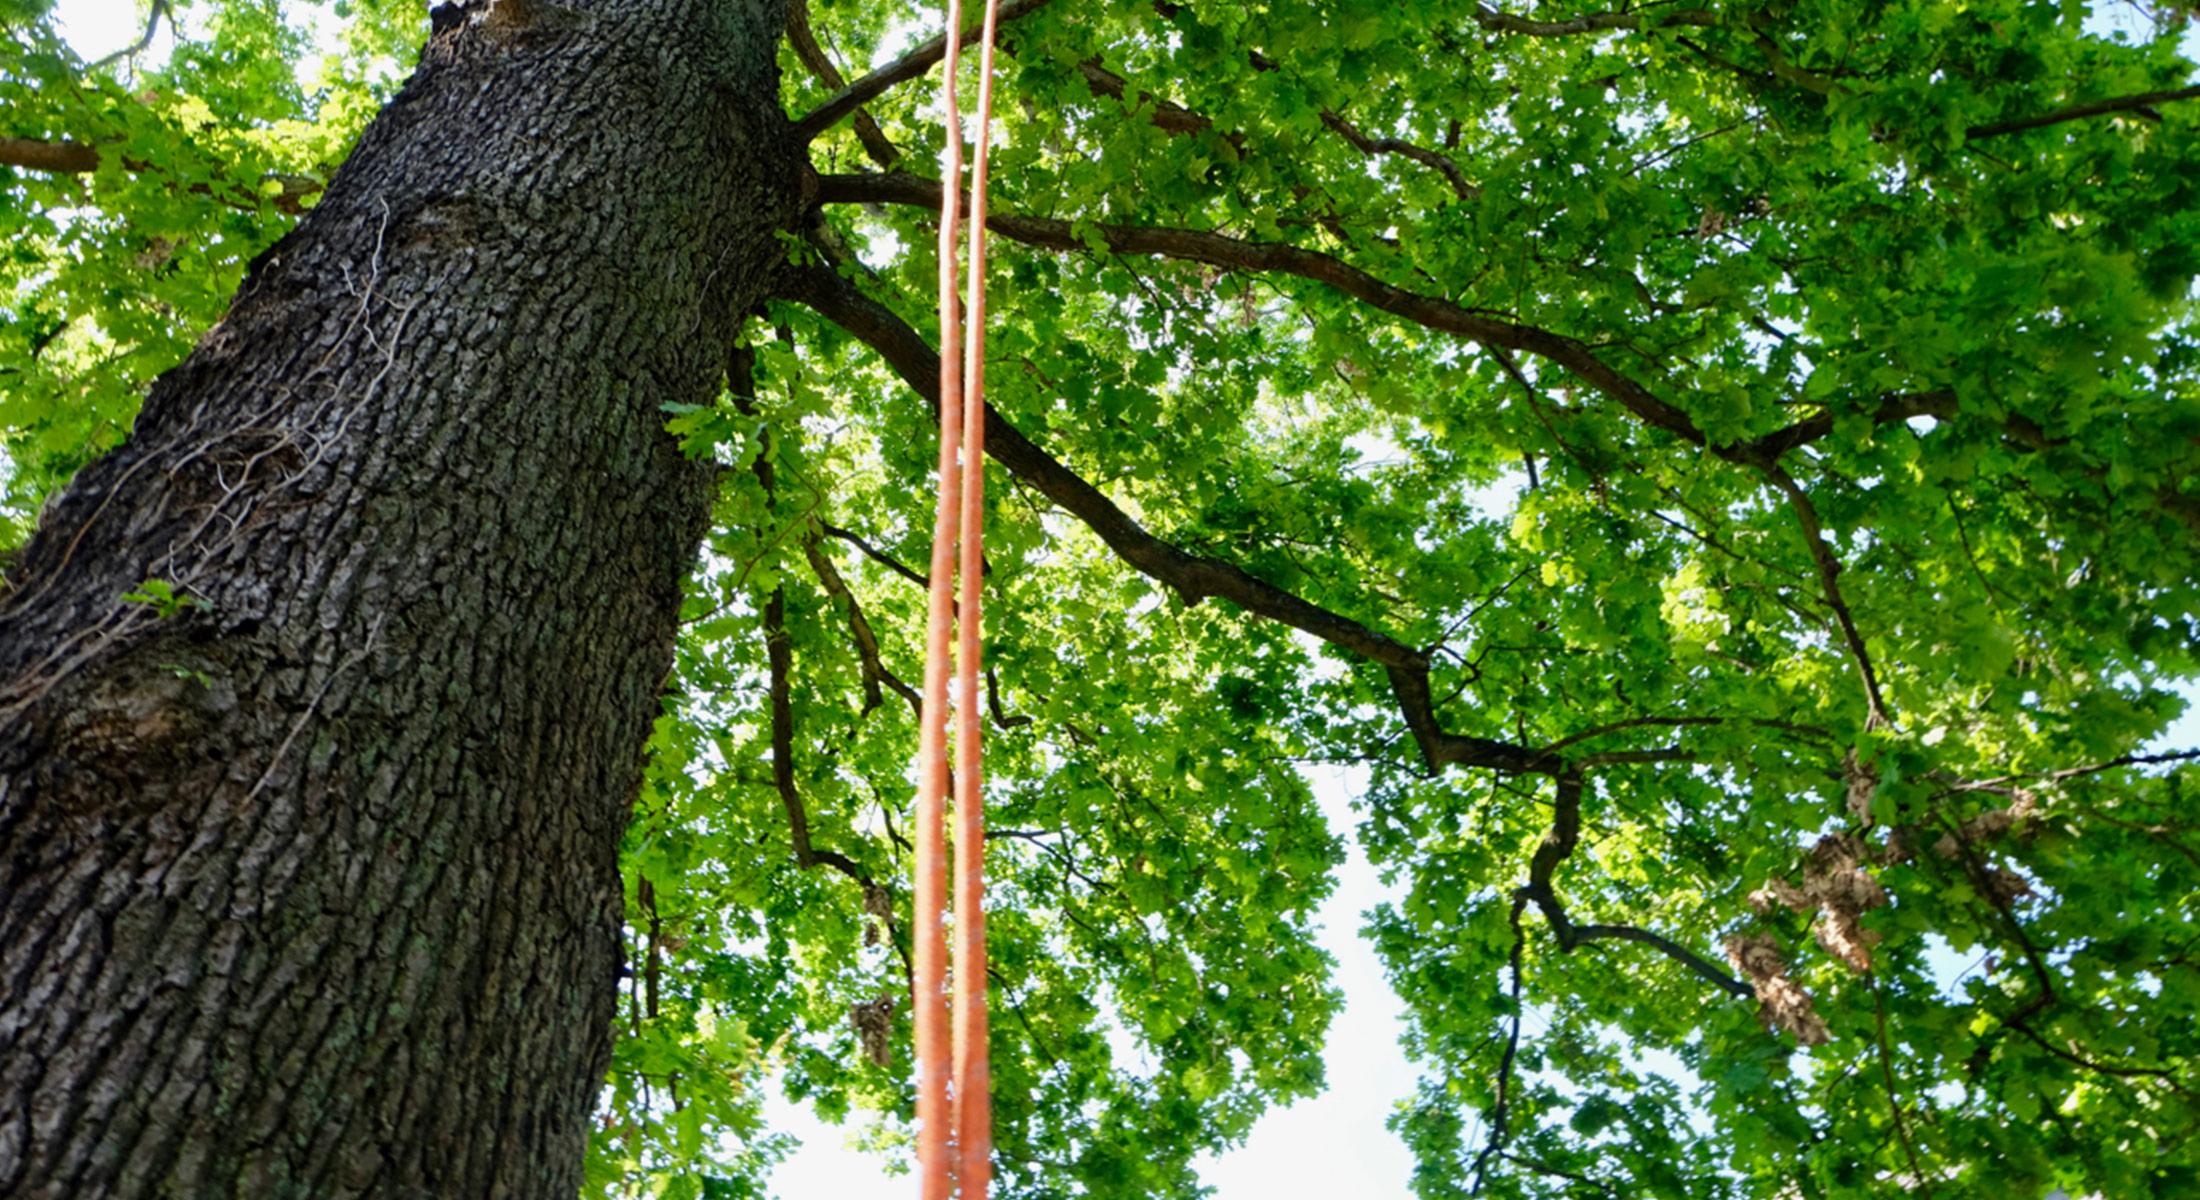 Baumpflege und Baumfällung in Essen und Umgebung